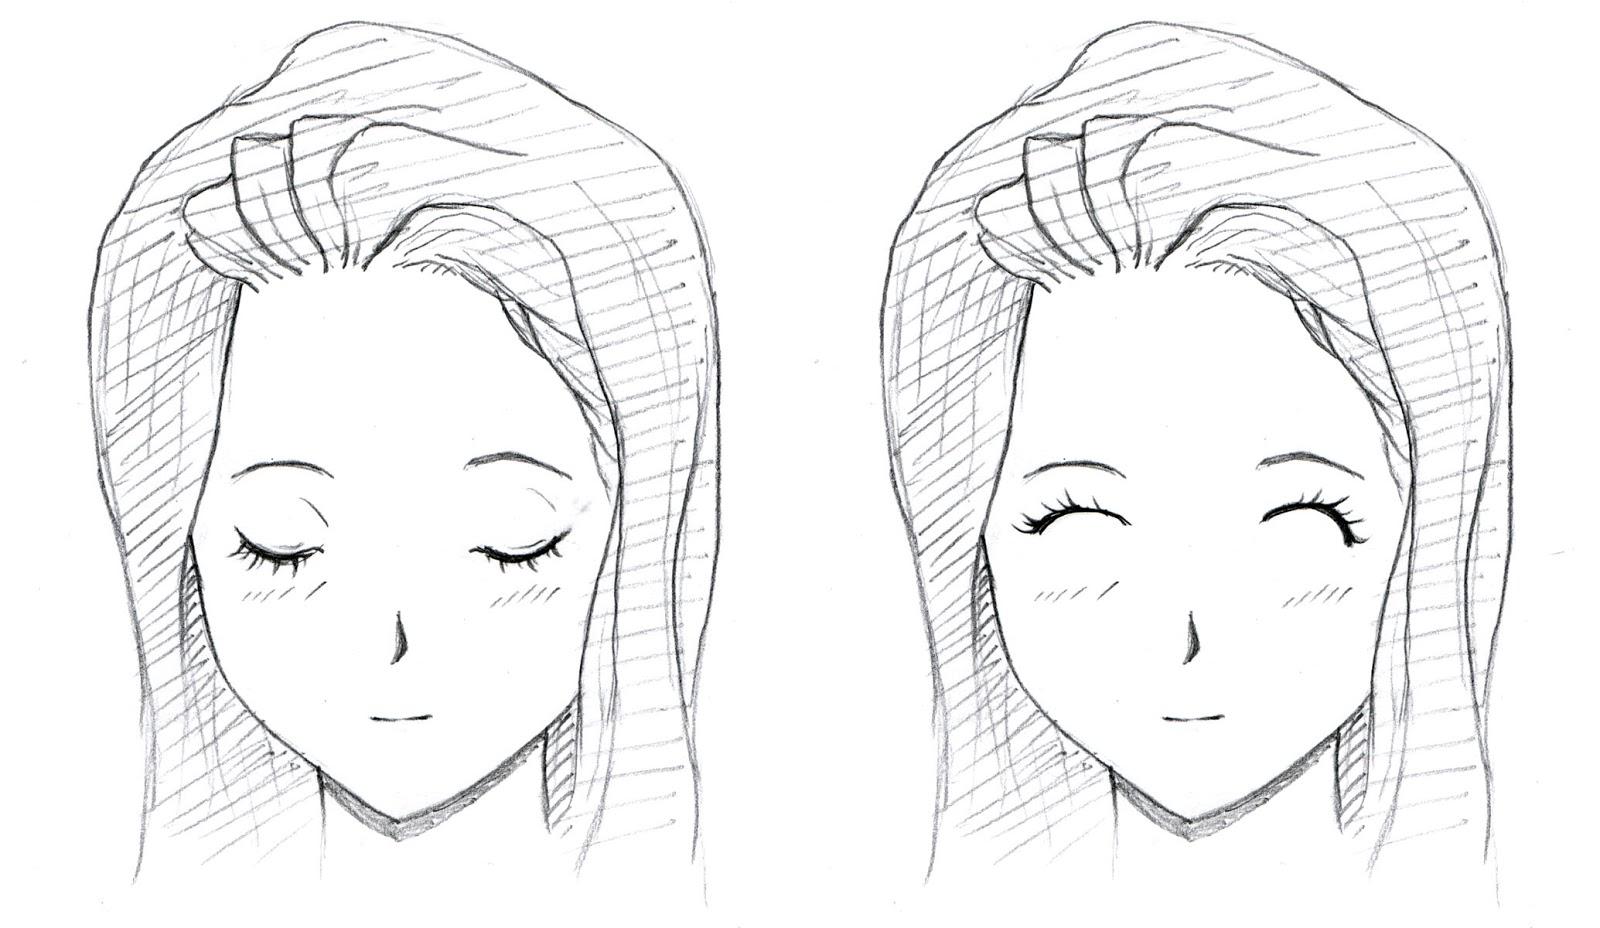 JohnnyBro's How To Draw Manga